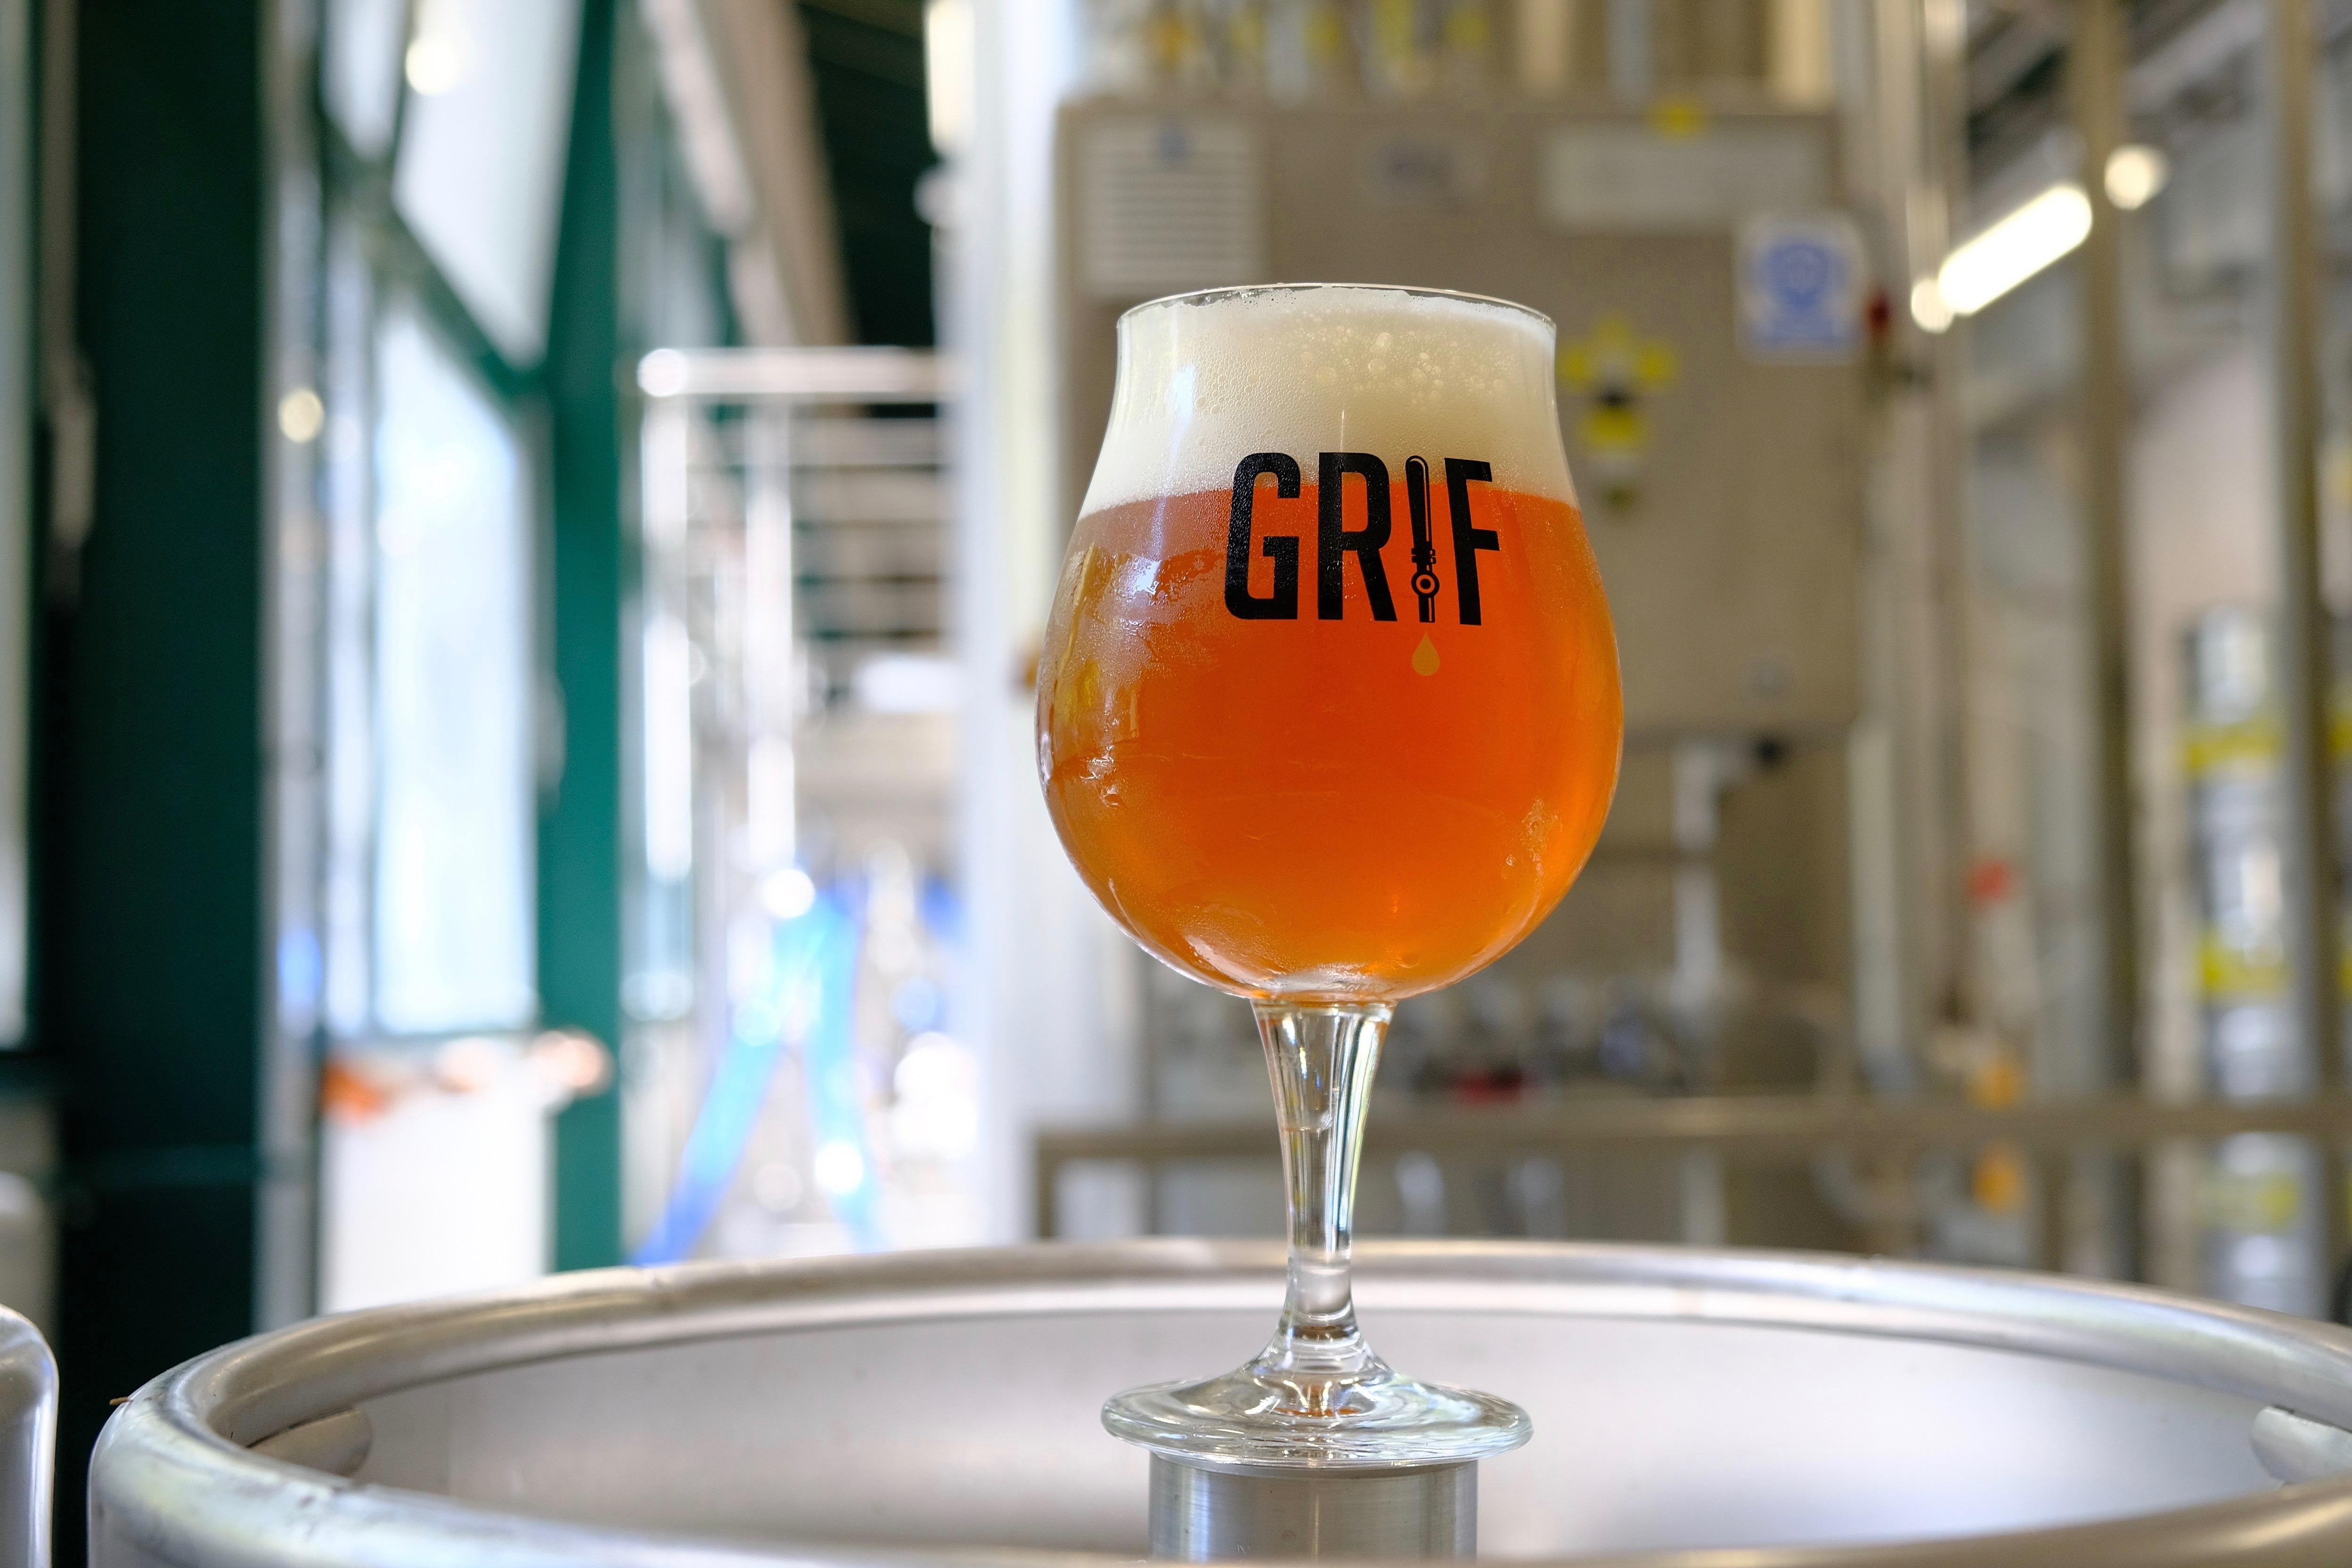 GRIF SESSION IPA novo osvježenje iz Grif mikropivovare